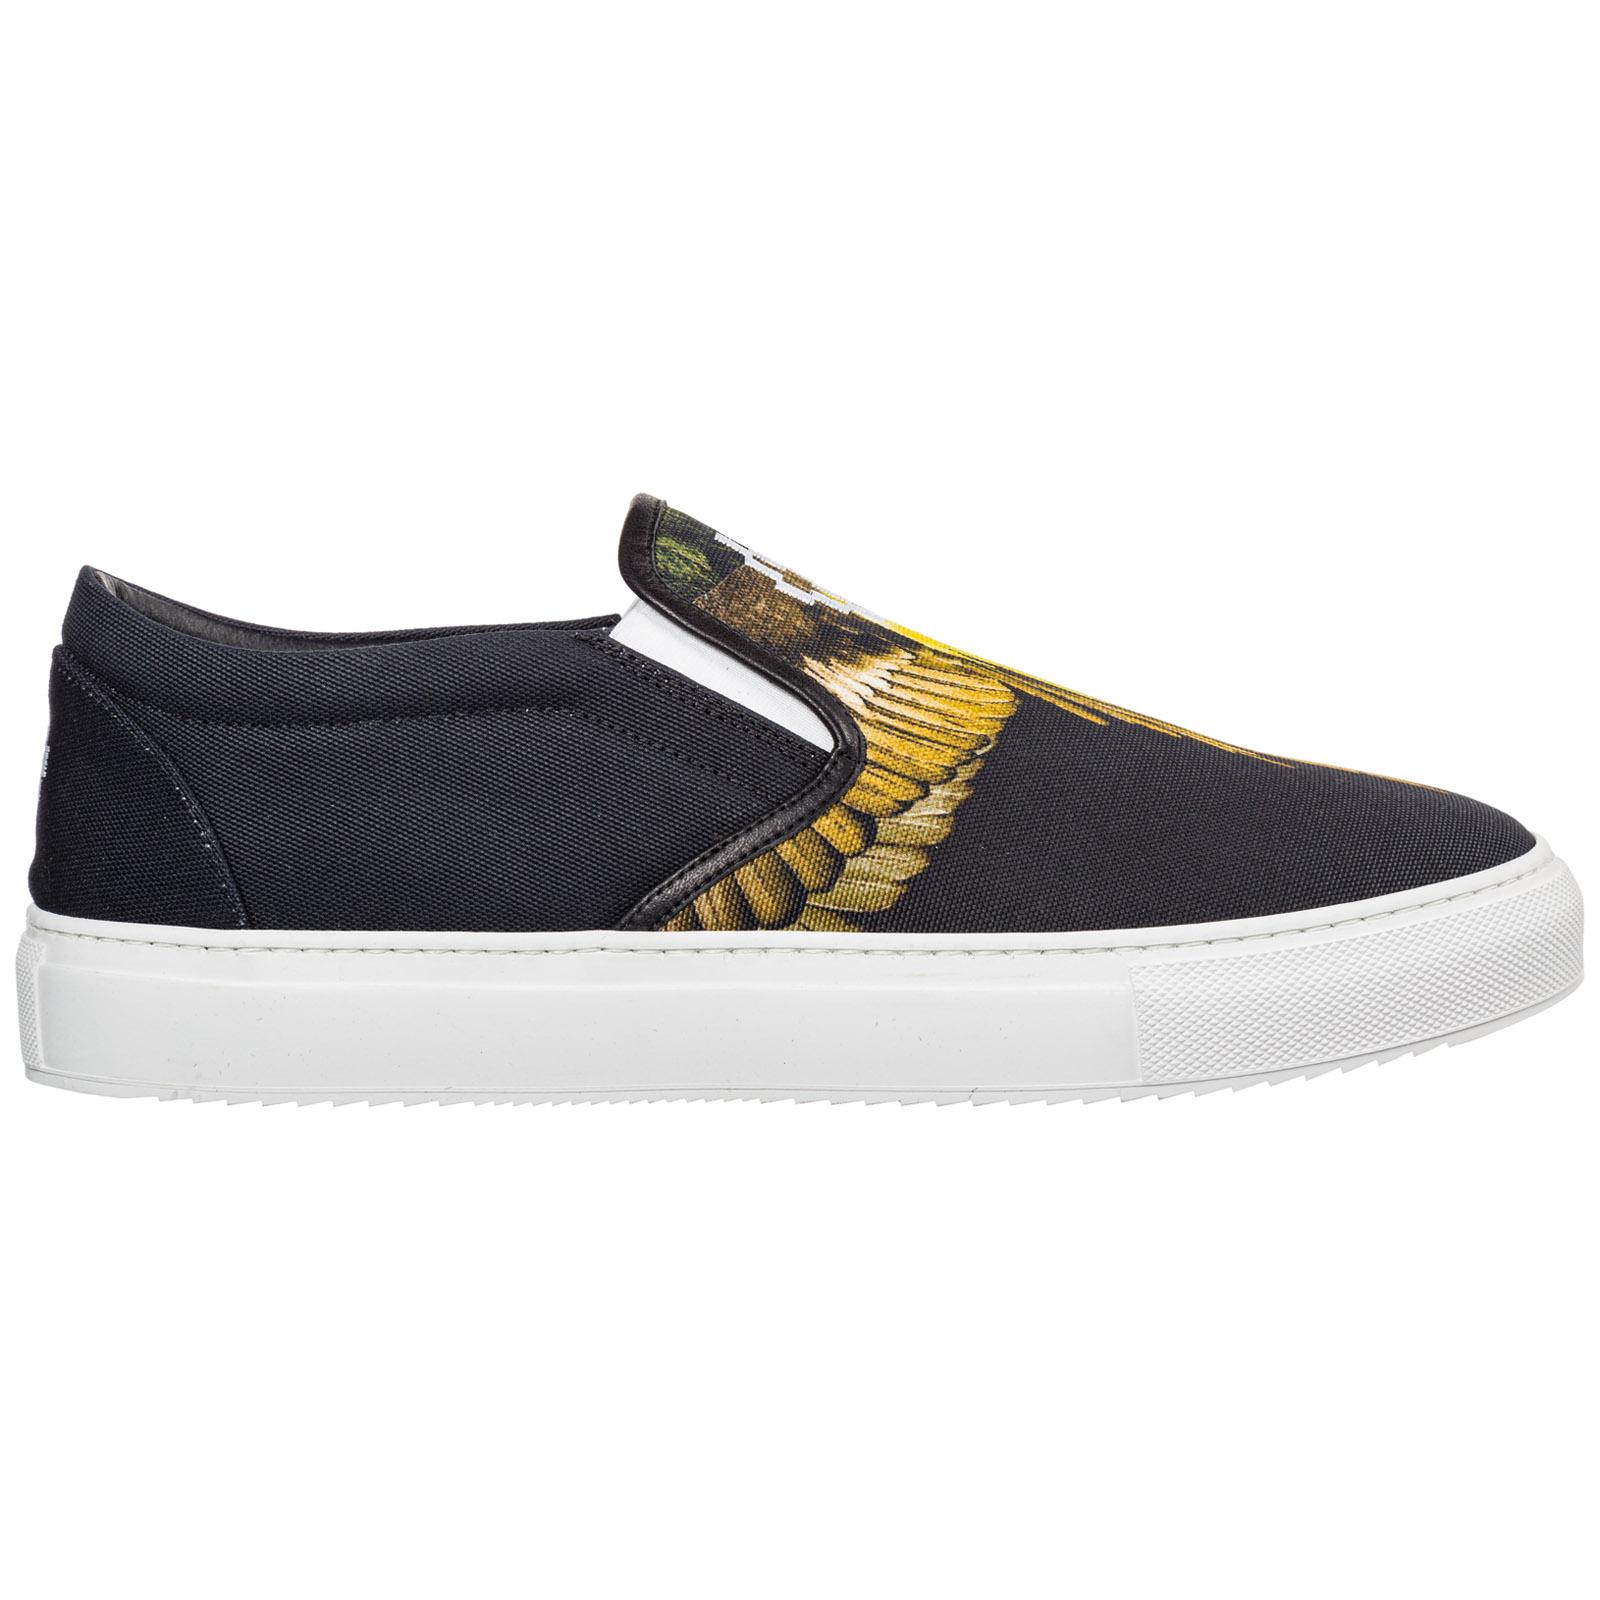 designer fashion 0b141 24643 Slip on uomo sneakers